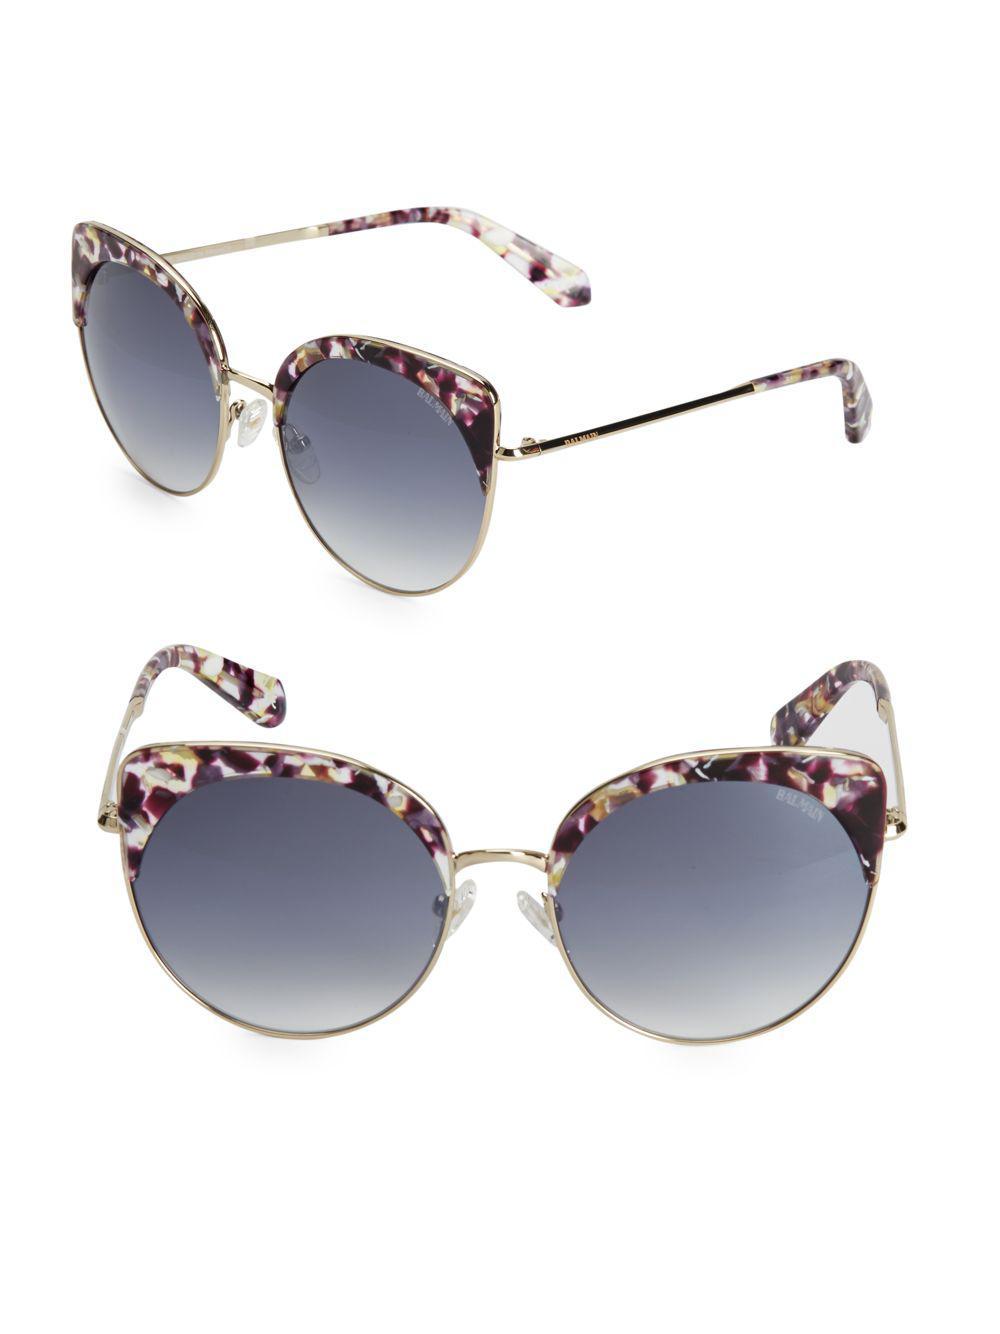 d7e072db4815f Lyst - Balmain 55mm Cat Eye Sunglasses in Purple